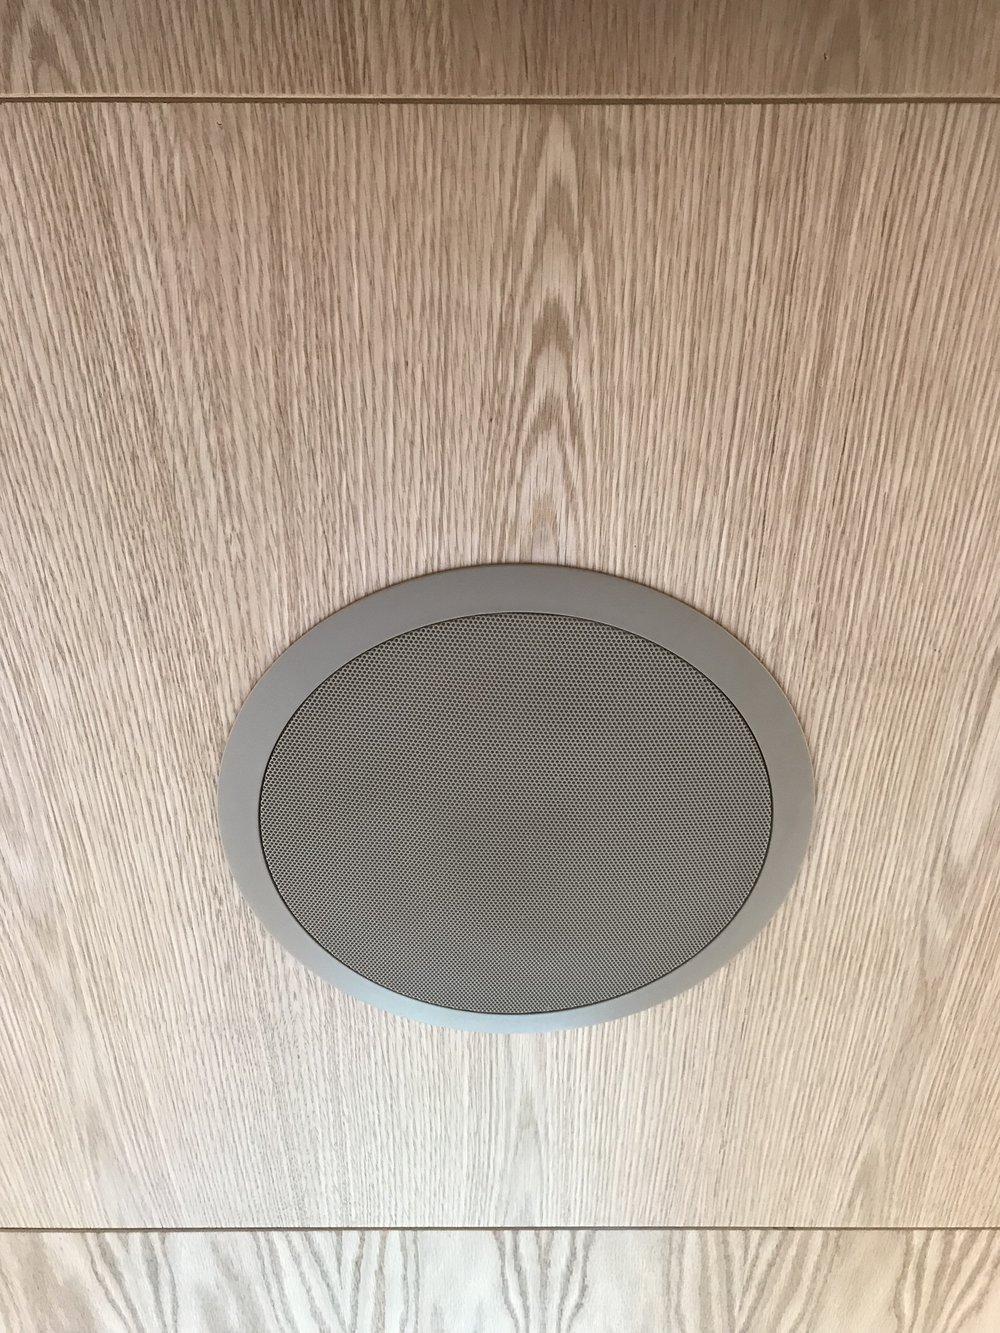 Custom Painted Ceiling Speakers